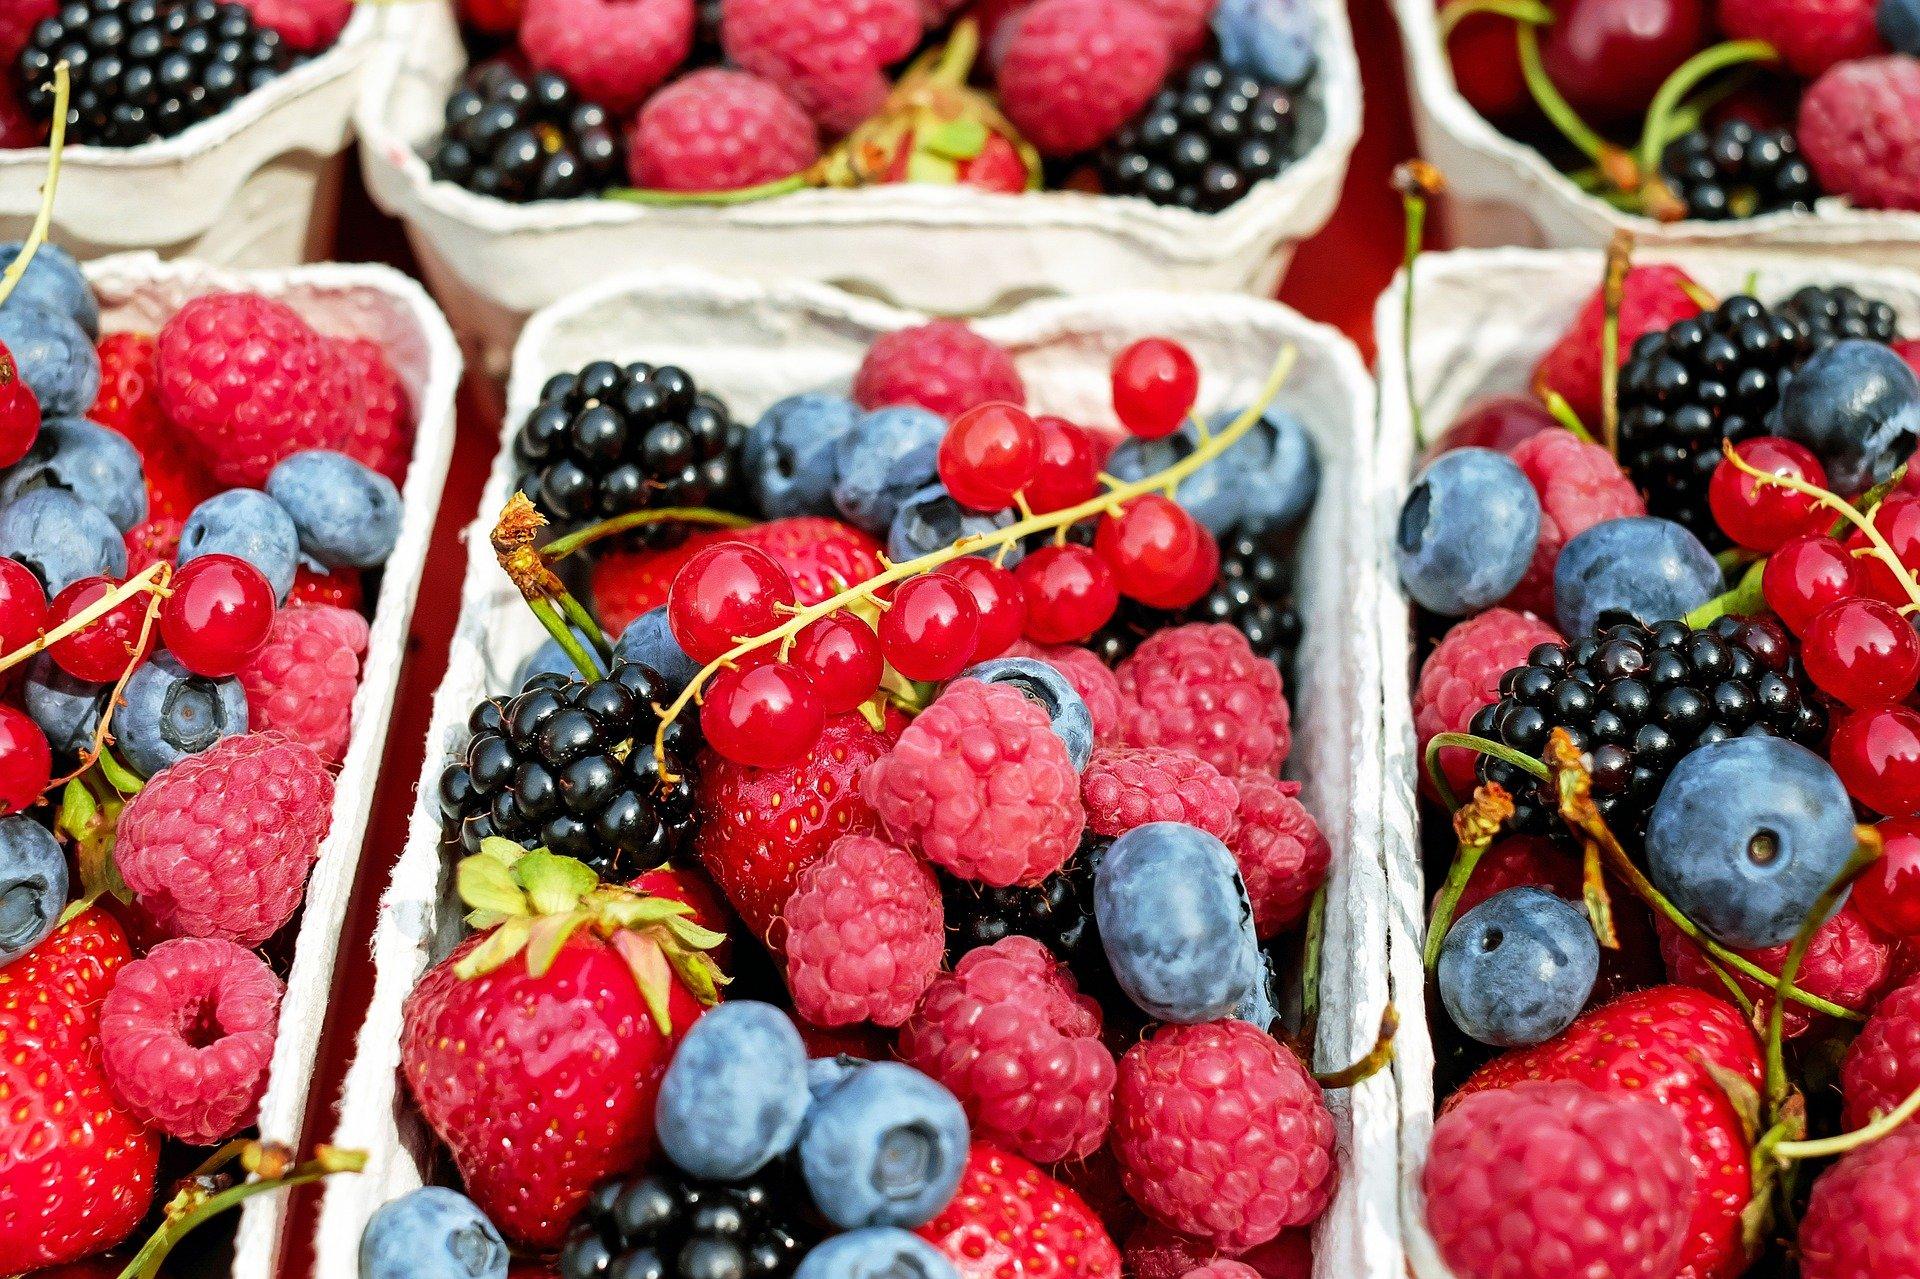 Termasuk Superfruit, Ini Jenis- Jenis Berry dan Manfaatnya